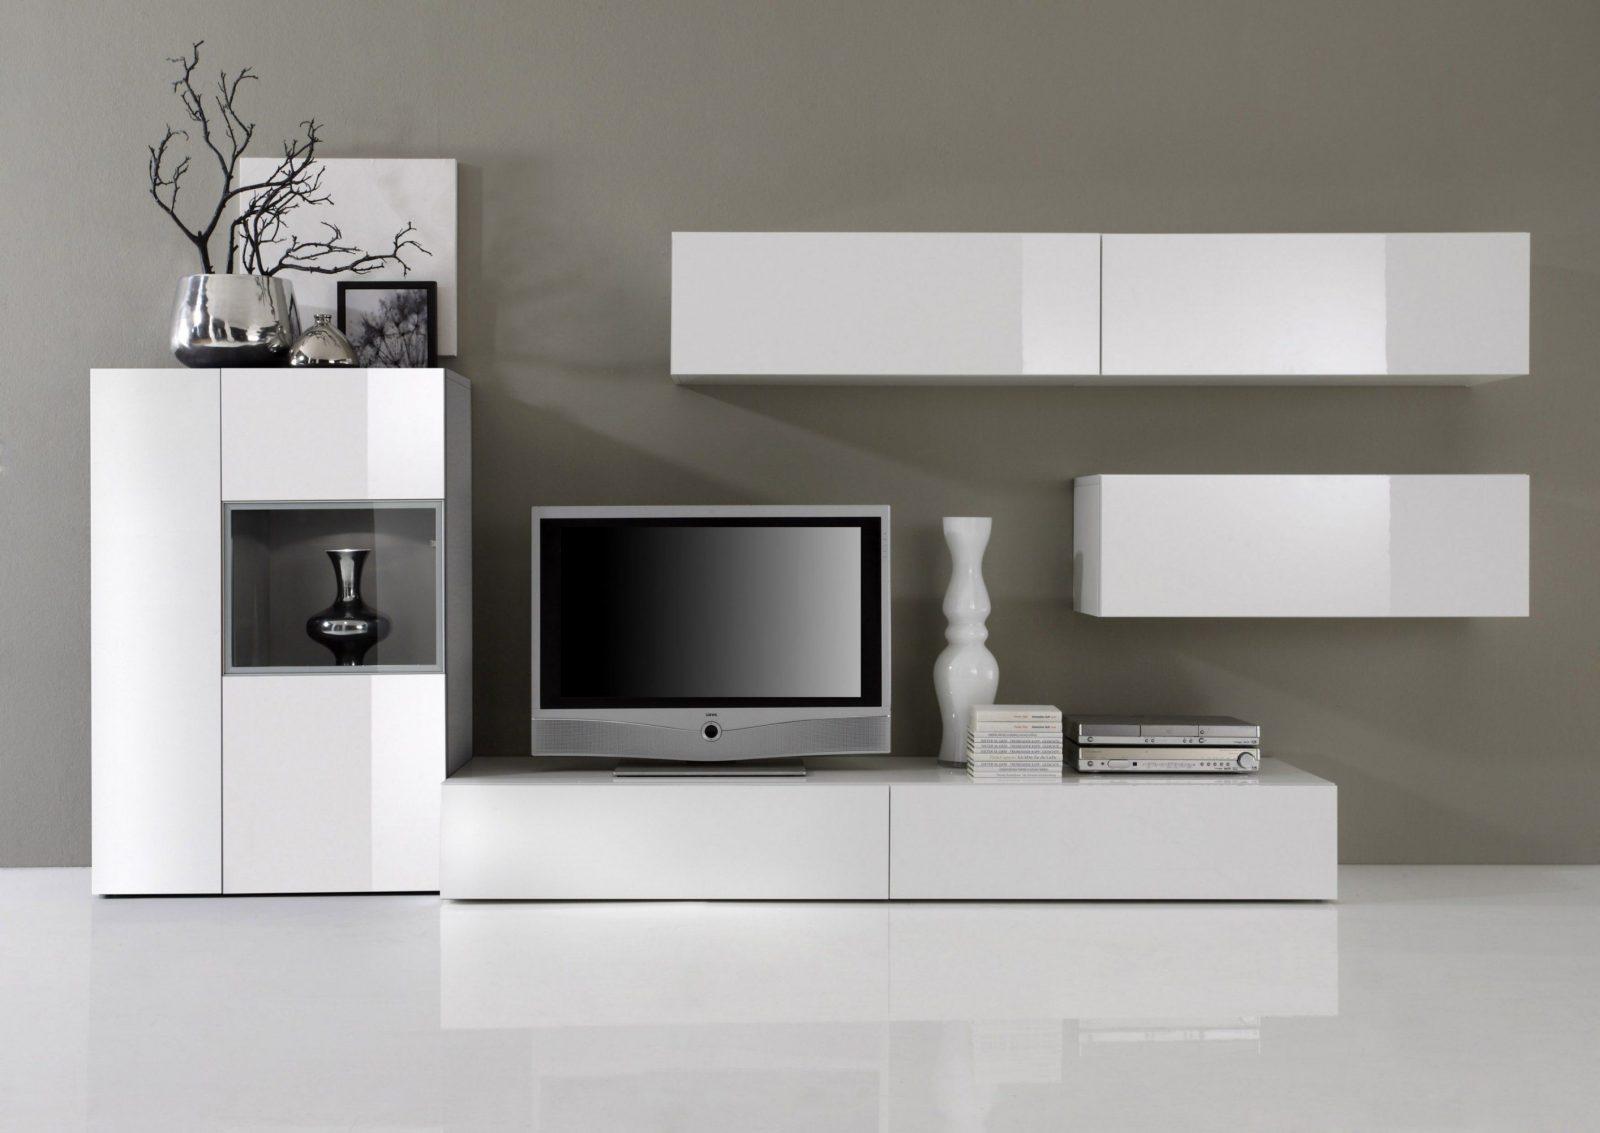 Elegant Hängeschrank Für Hängeschrank Wohnzimmer  Wohnzimmer Ideen von Hängeschrank Wohnzimmer Weiß Hochglanz Bild